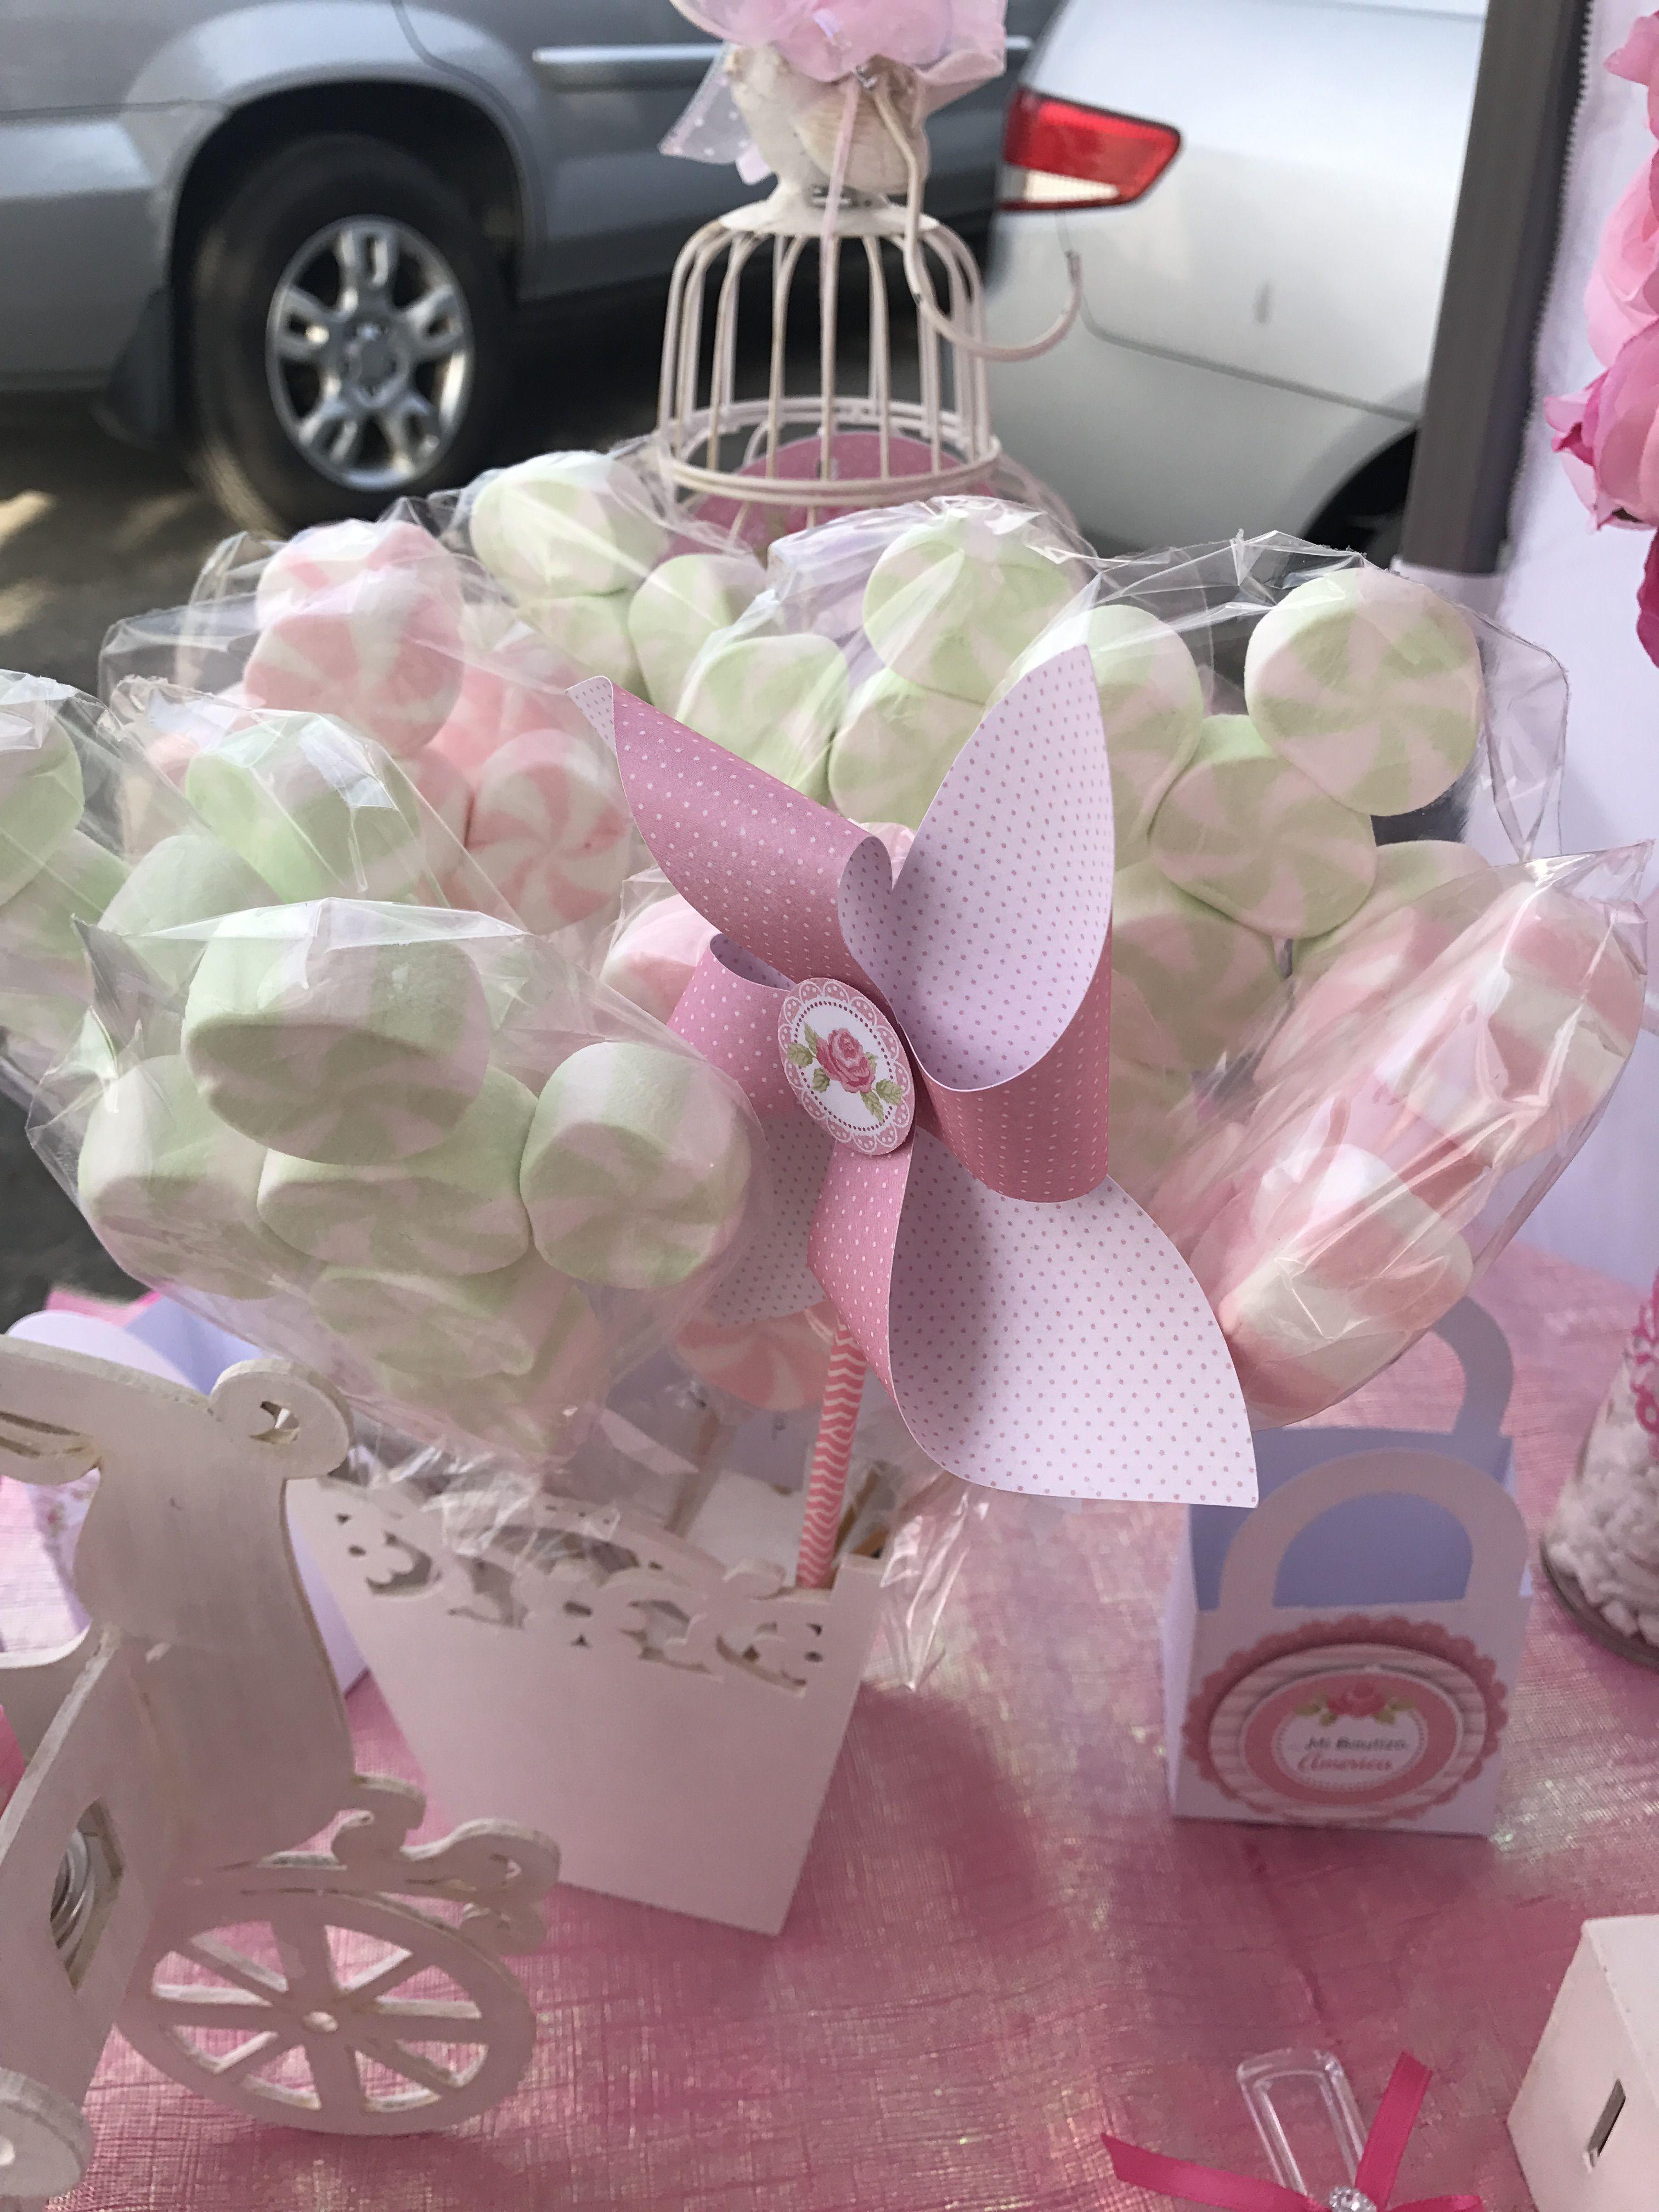 Decoraciones de mesa de dulces / Sweet table any event  more infor : geobetancour@gmail.com